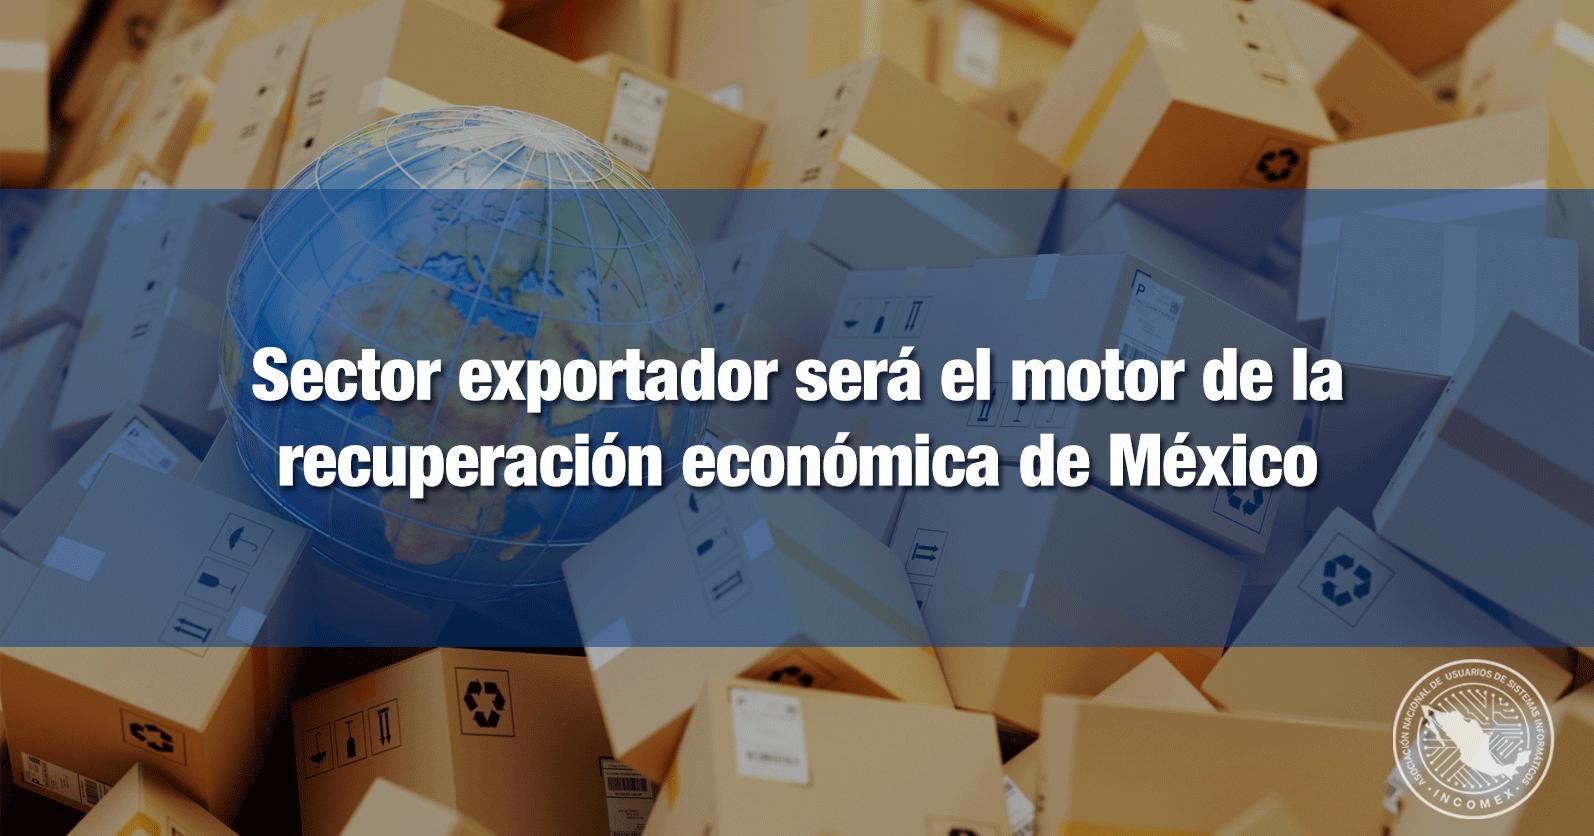 Sector exportador será el motor de la recuperación económica de México